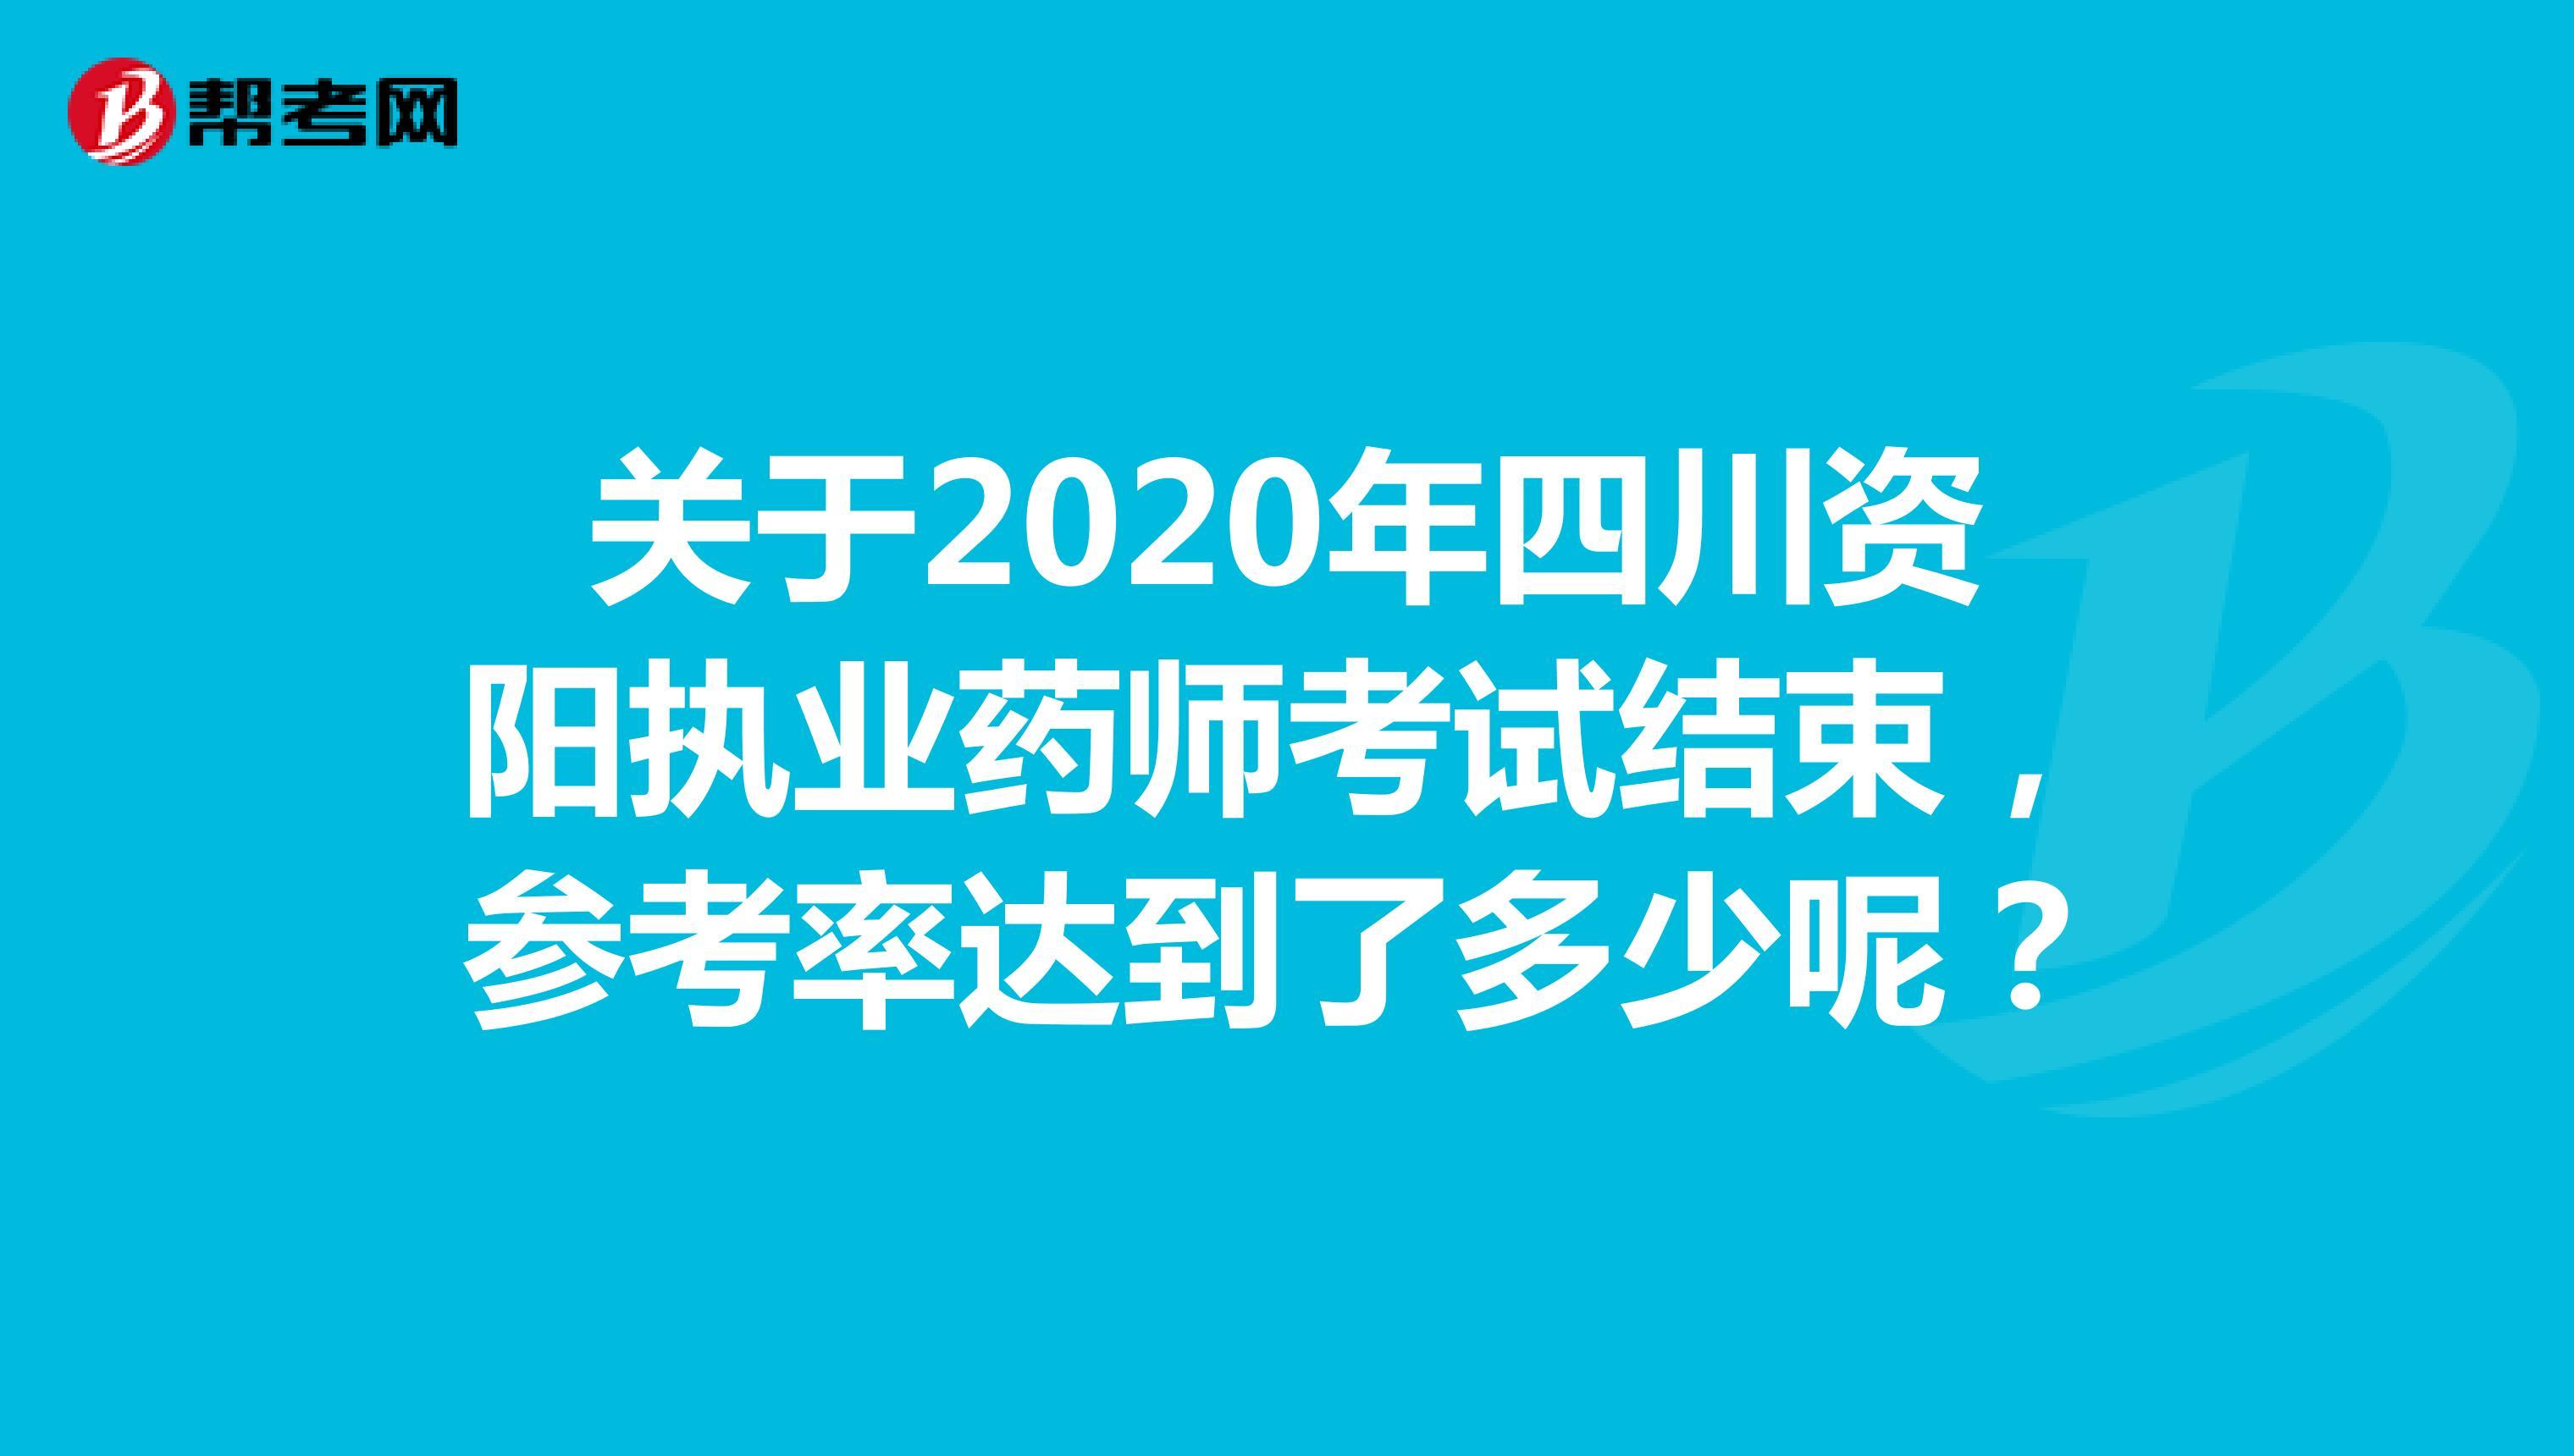 关于2020年四川资阳执业药师考试结束,参考率达到了多少呢?